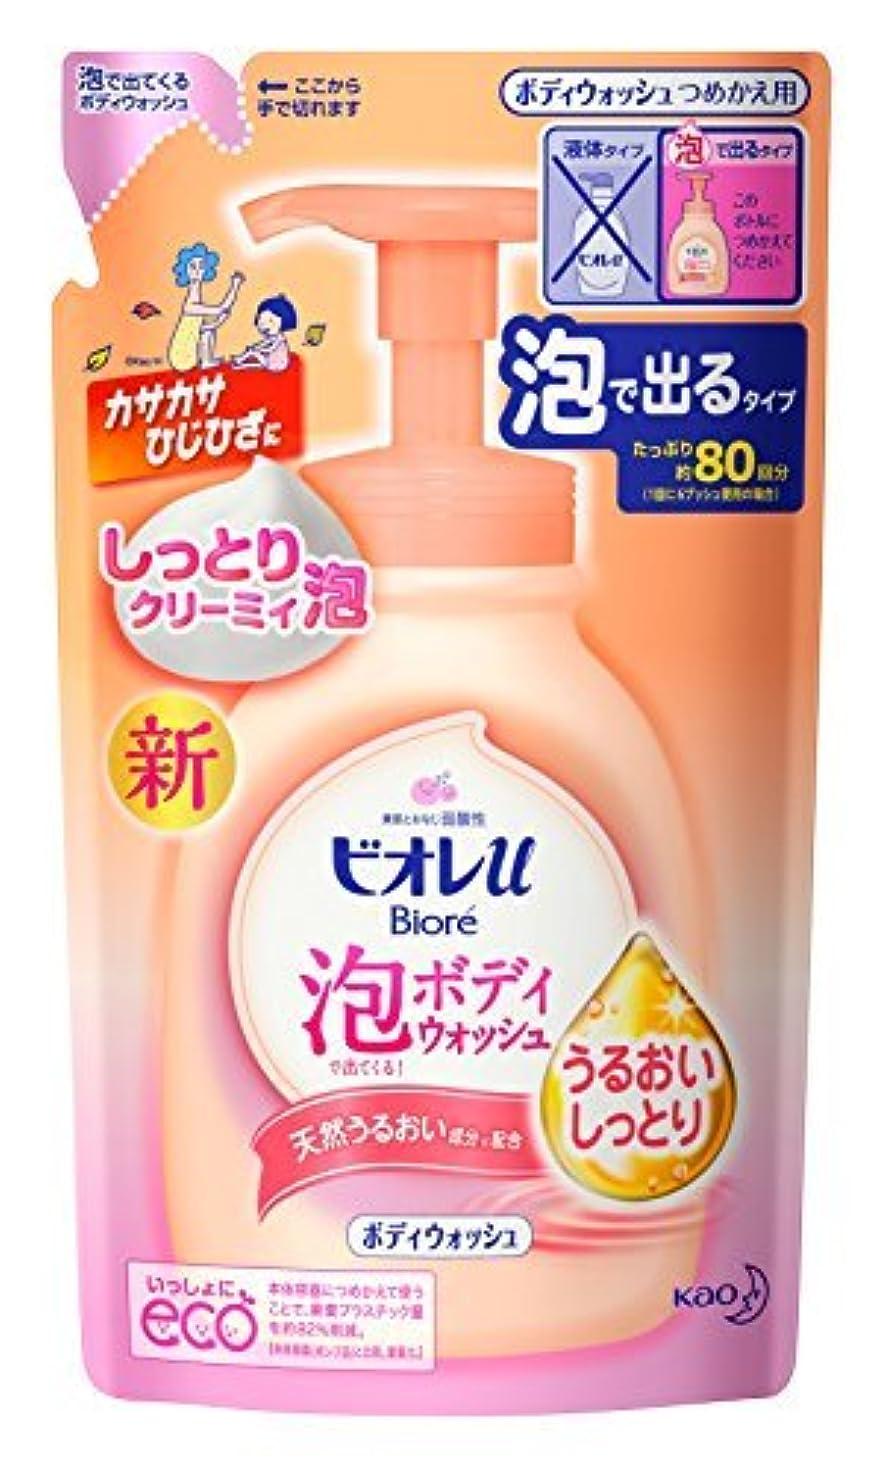 期限切れ委任形成ビオレu 泡で出てくるボディウォッシュ うるおいしっとり つめかえ用 Japan